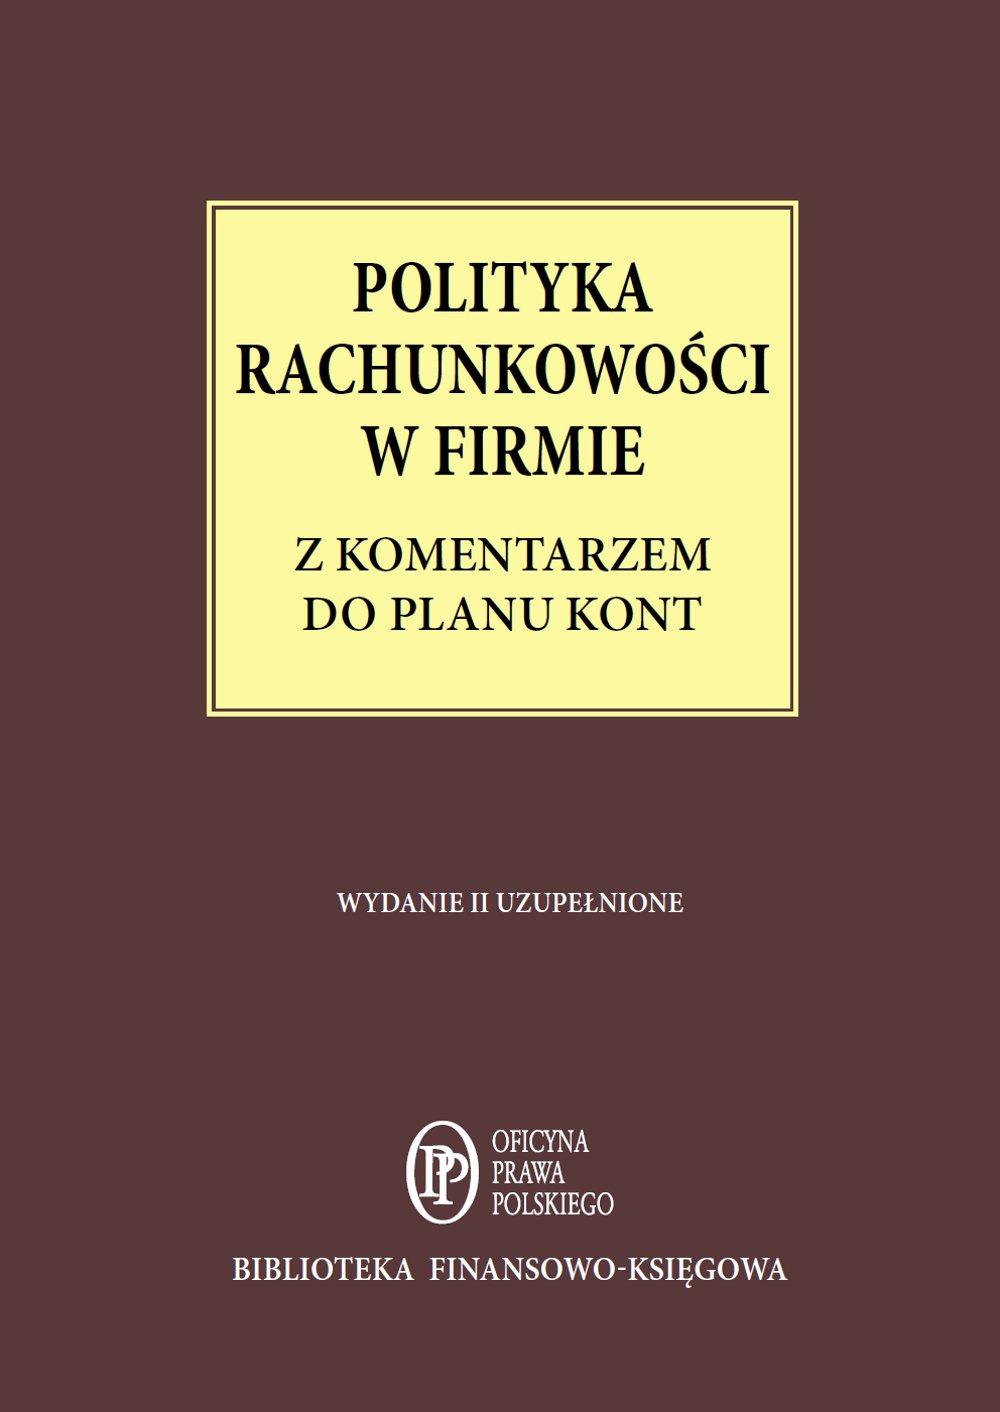 Polityka Rachunkowości w firmie z komentarzem do planu kont - stan prawny: 1 maja 2014 r. - Ebook (Książka EPUB) do pobrania w formacie EPUB